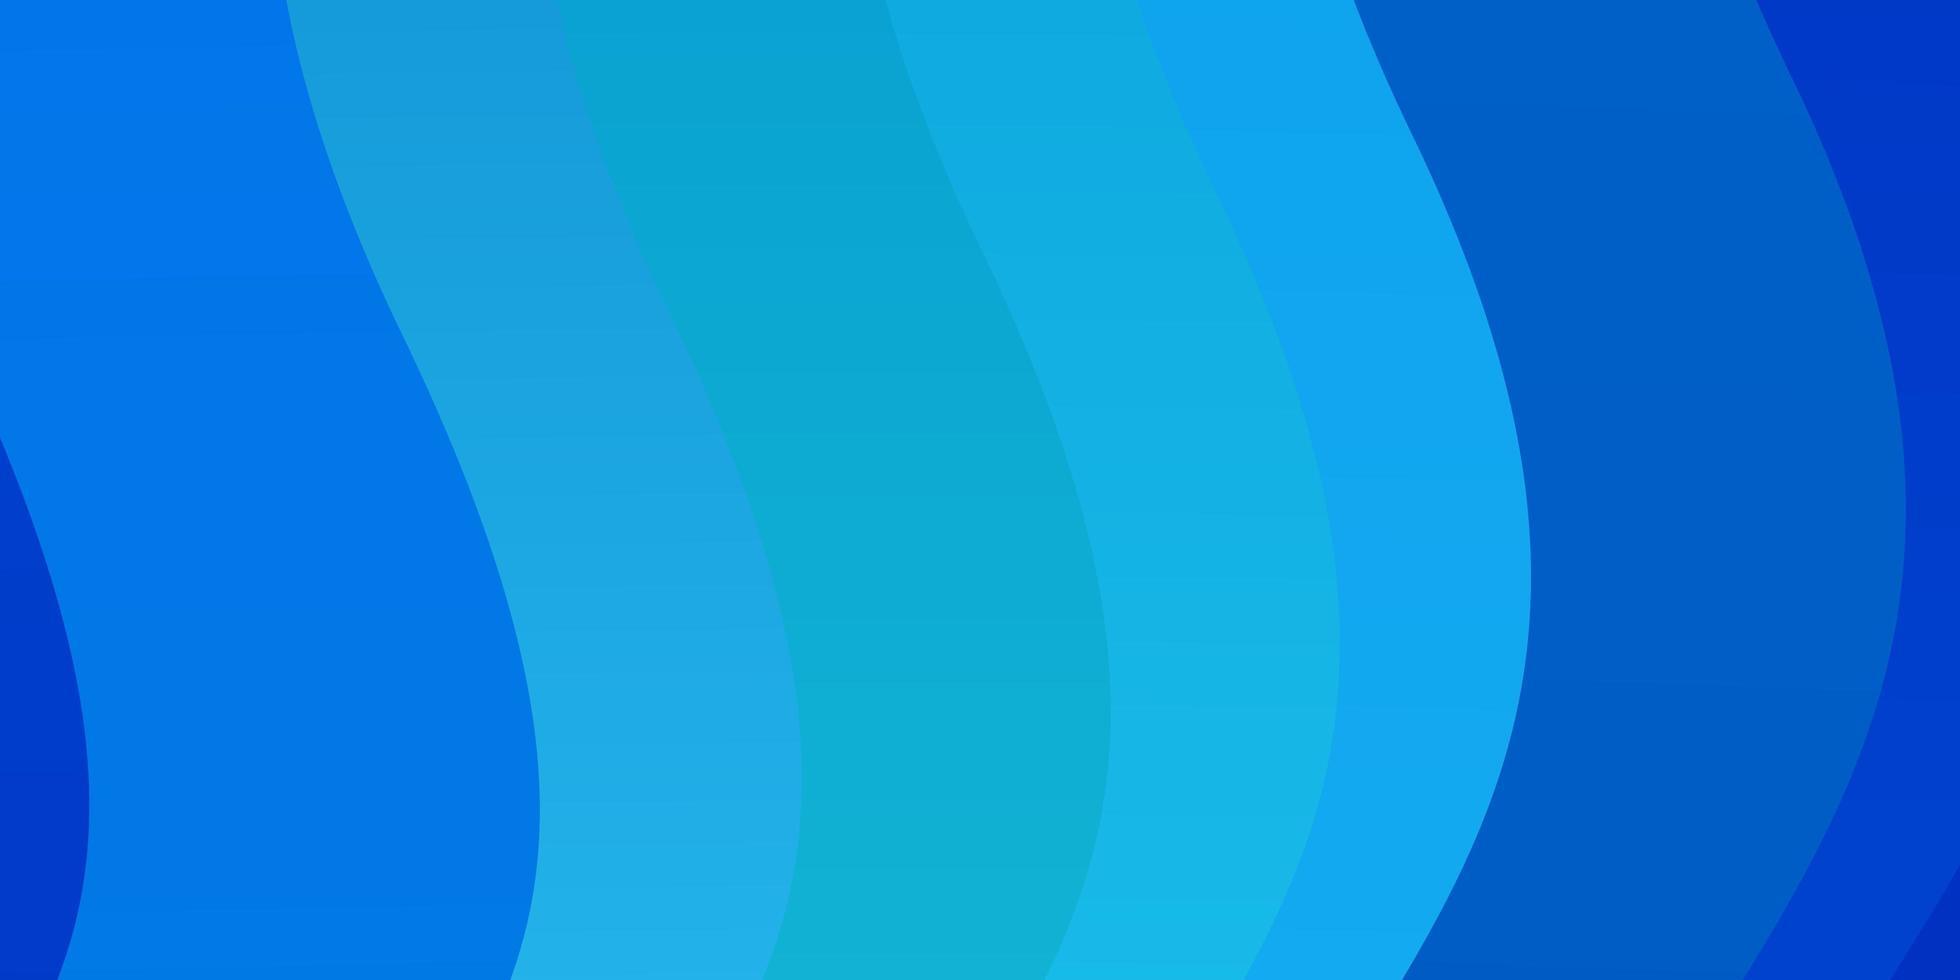 Fondo de vector azul claro con arco circular